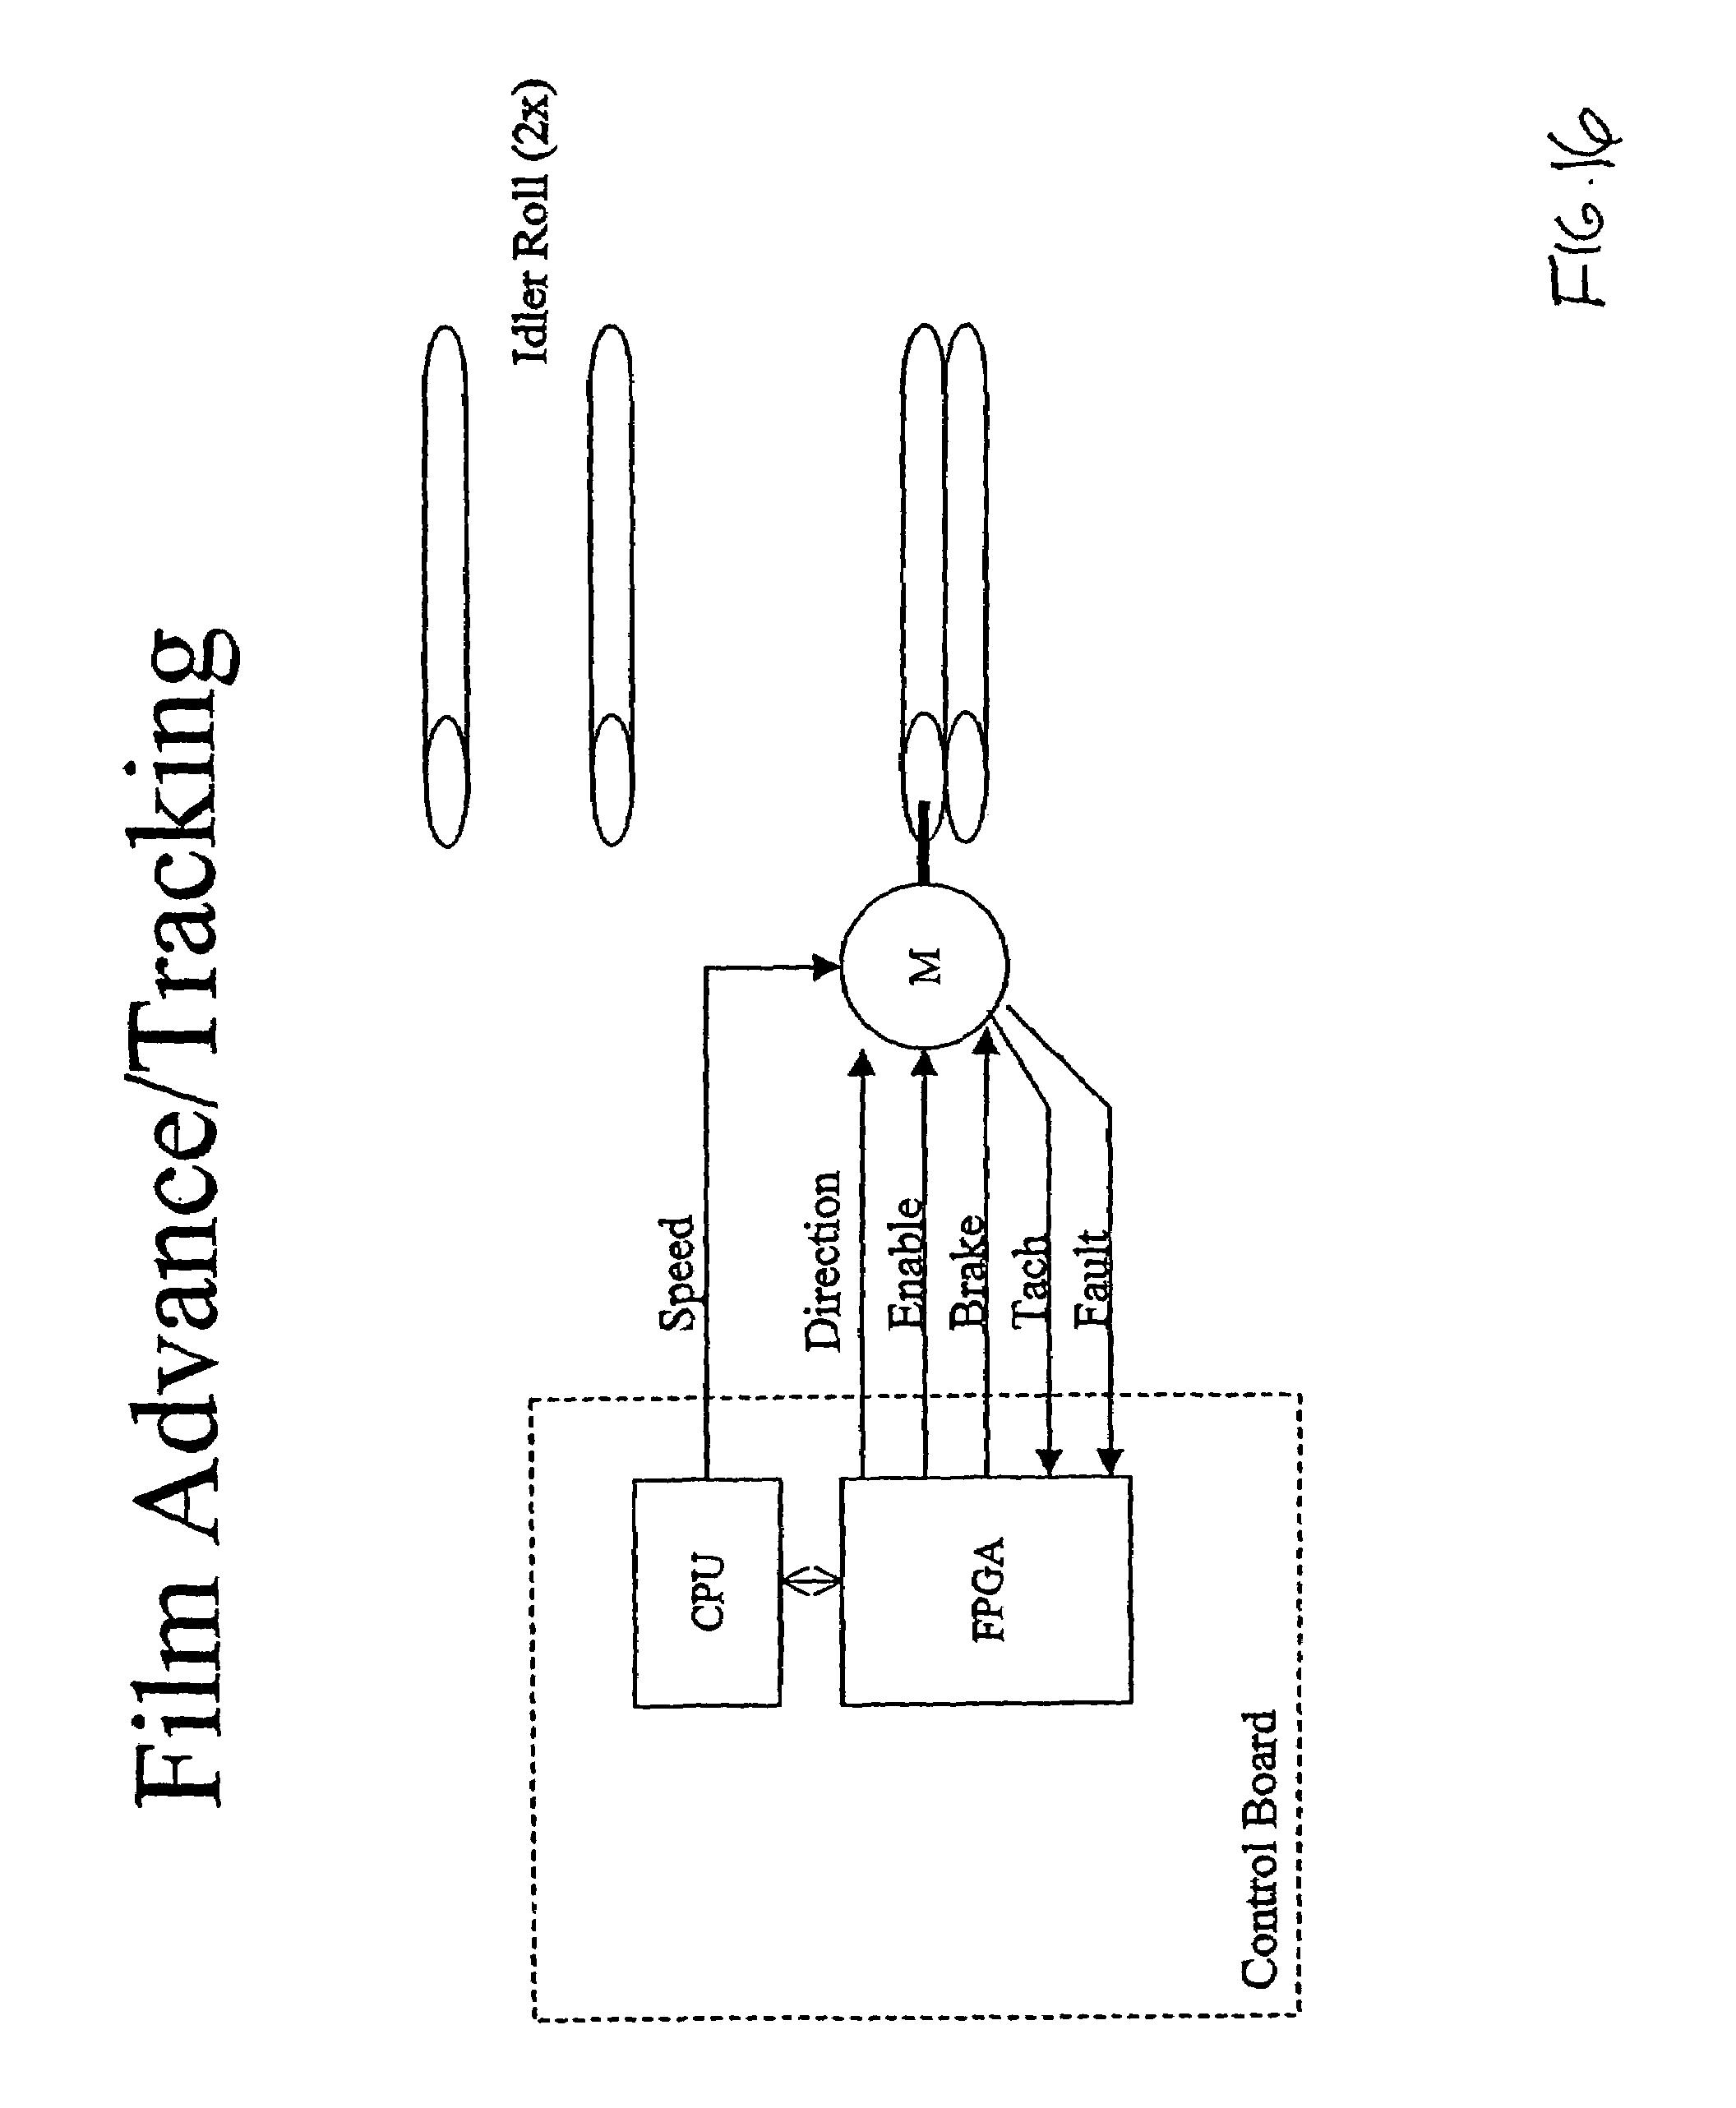 Fein 1996 Geo Tracker Schaltplan Galerie - Elektrische Schaltplan ...